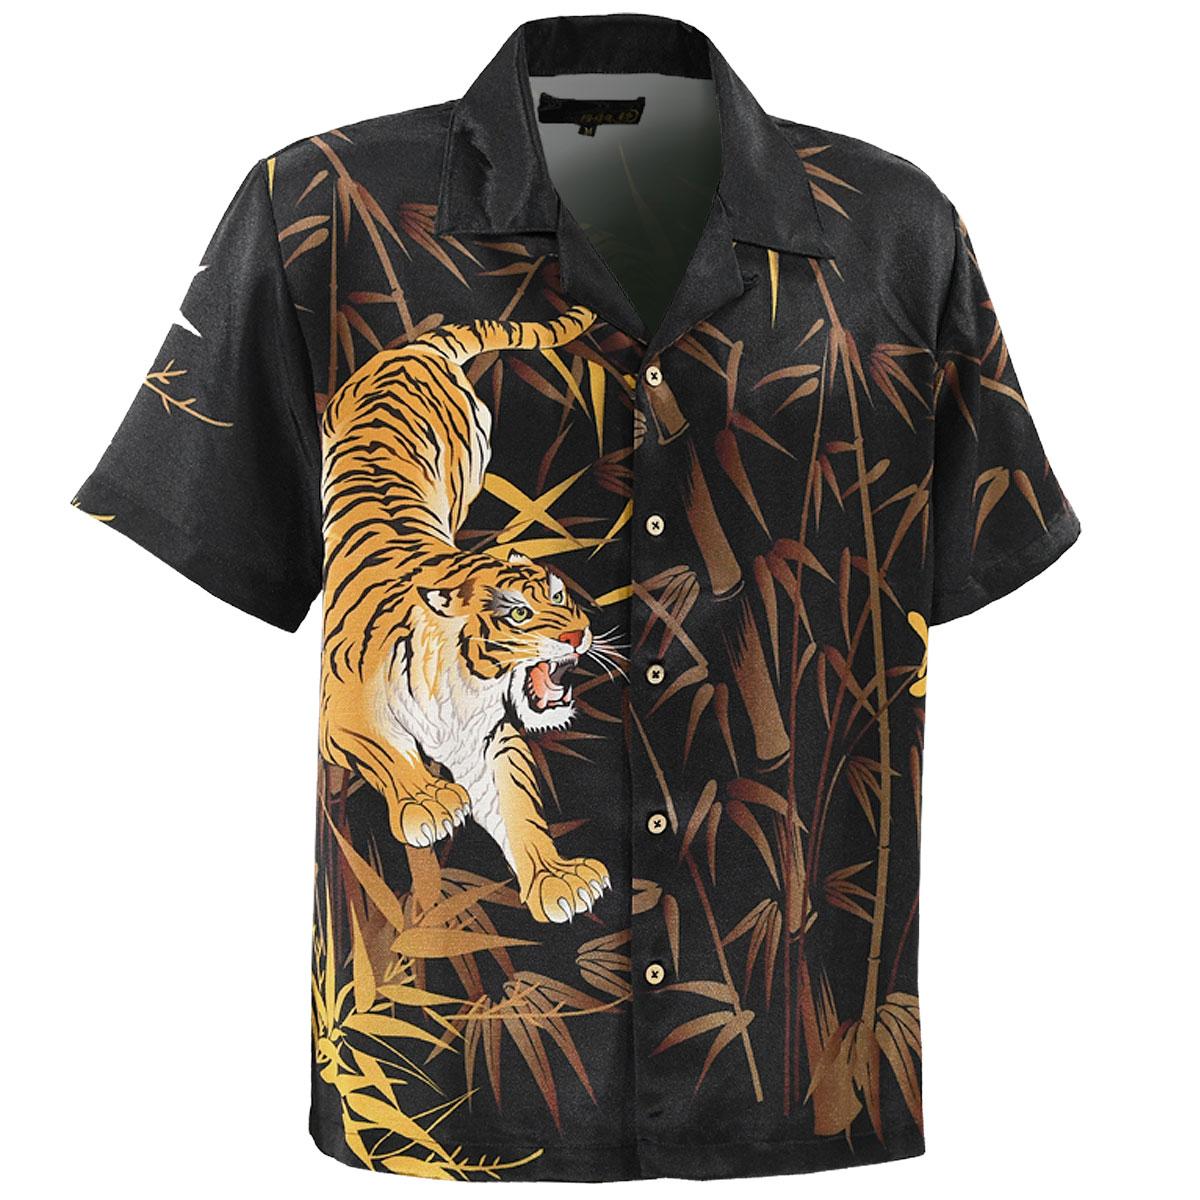 からくり魂 絡繰魂 粋 アロハシャツ 和柄 虎 メンズ 竹 プリント 半袖 開襟シャツ mens(ブラック黒) 282805